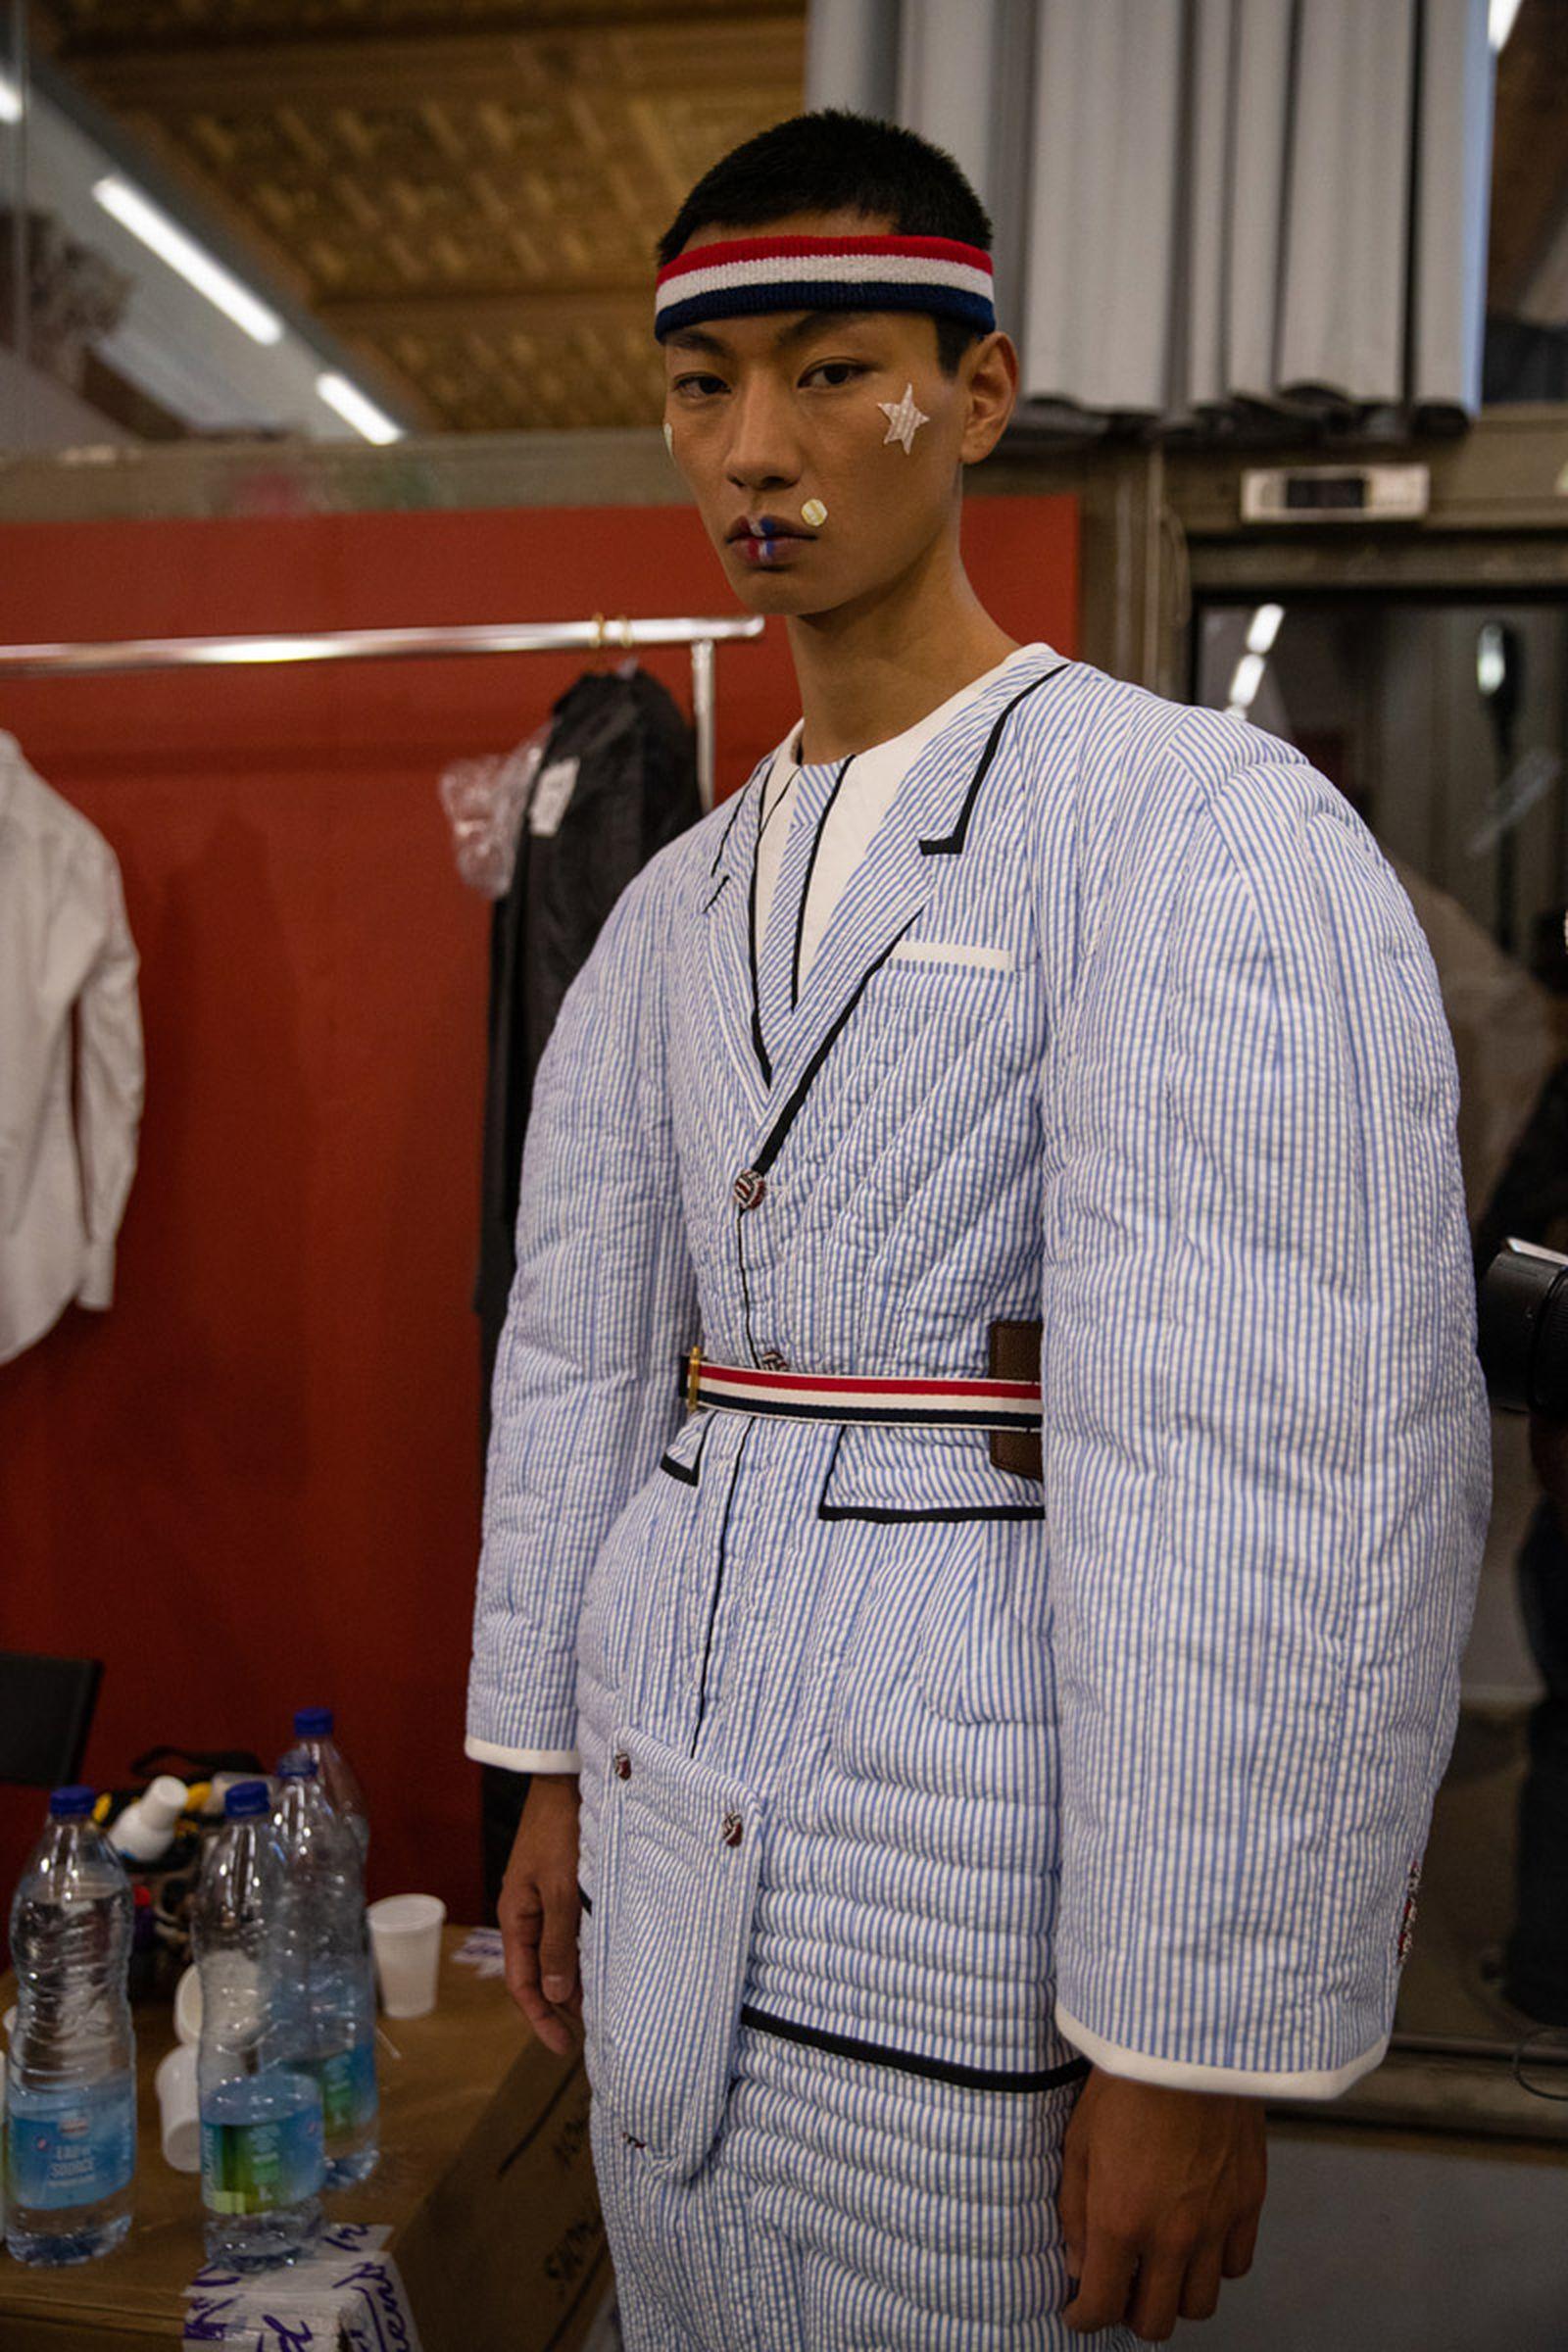 MSS20 Paris Thom Browne Eva Al Desnudo For web 14 paris fashion week runway